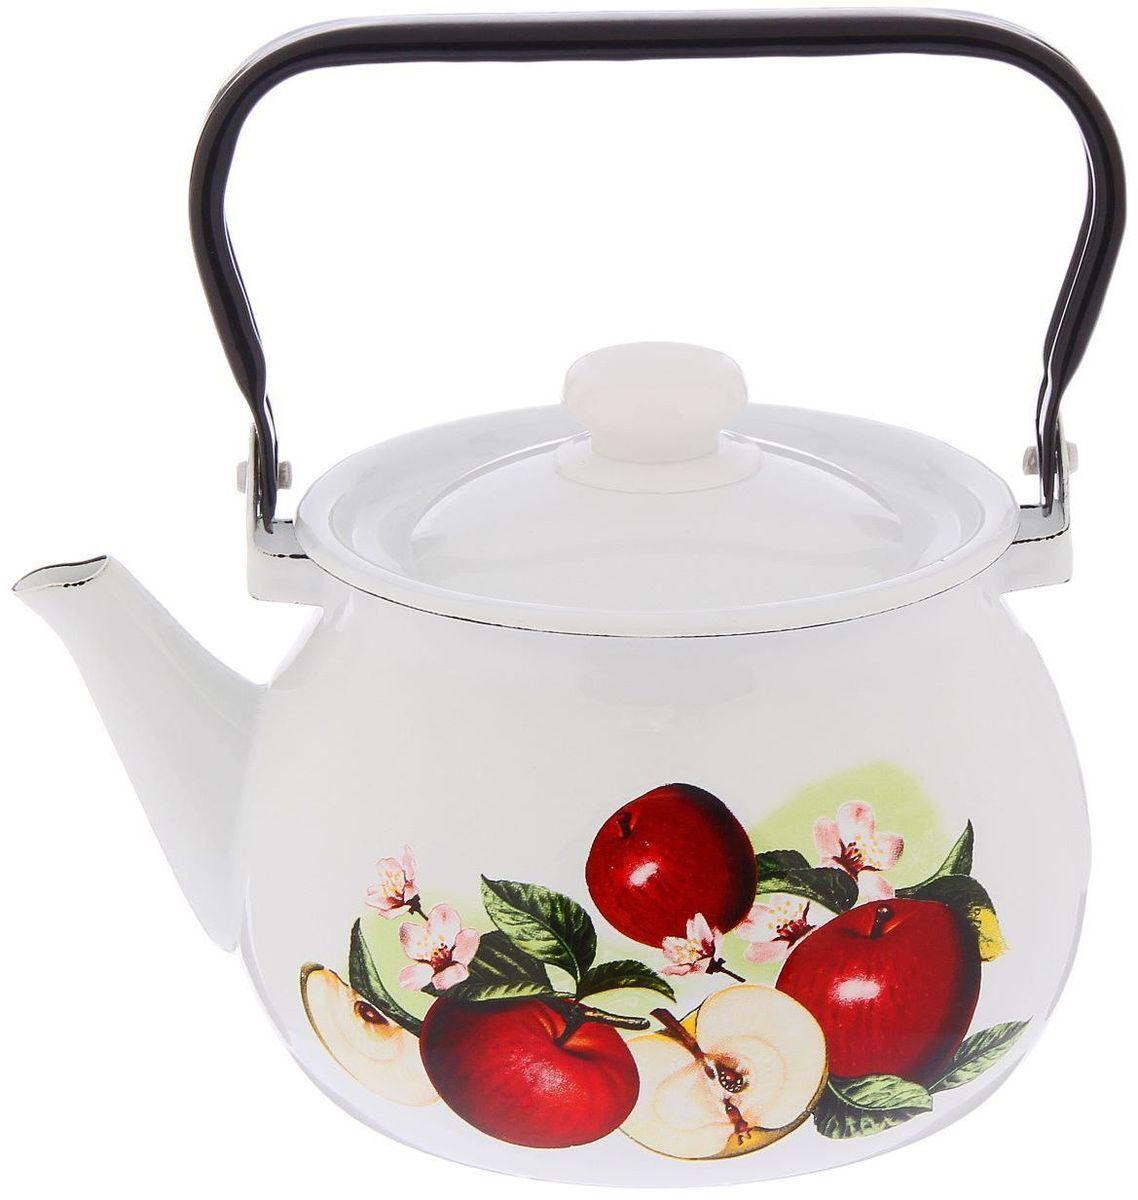 Чайник эмалированный Epos Ароматный, 2 л2293395Чайник Epos Ароматный выполнен из высококачественной стали с эмалированным покрытием. Поверхность чайникагладкая, что облегчает уход за ним. Большой объемпозволит приготовить напиток для всей семьи илинебольшой компании. Эстетичный и функциональный чайник будеторигинально смотреться в любом интерьере. Душевная атмосфера и со вкусом накрытый стол всегда будут собирать в вашем доме близких и друзей.Чайник подходит для использования на всех типах плит,включая индукционные. Объем: 2 л.